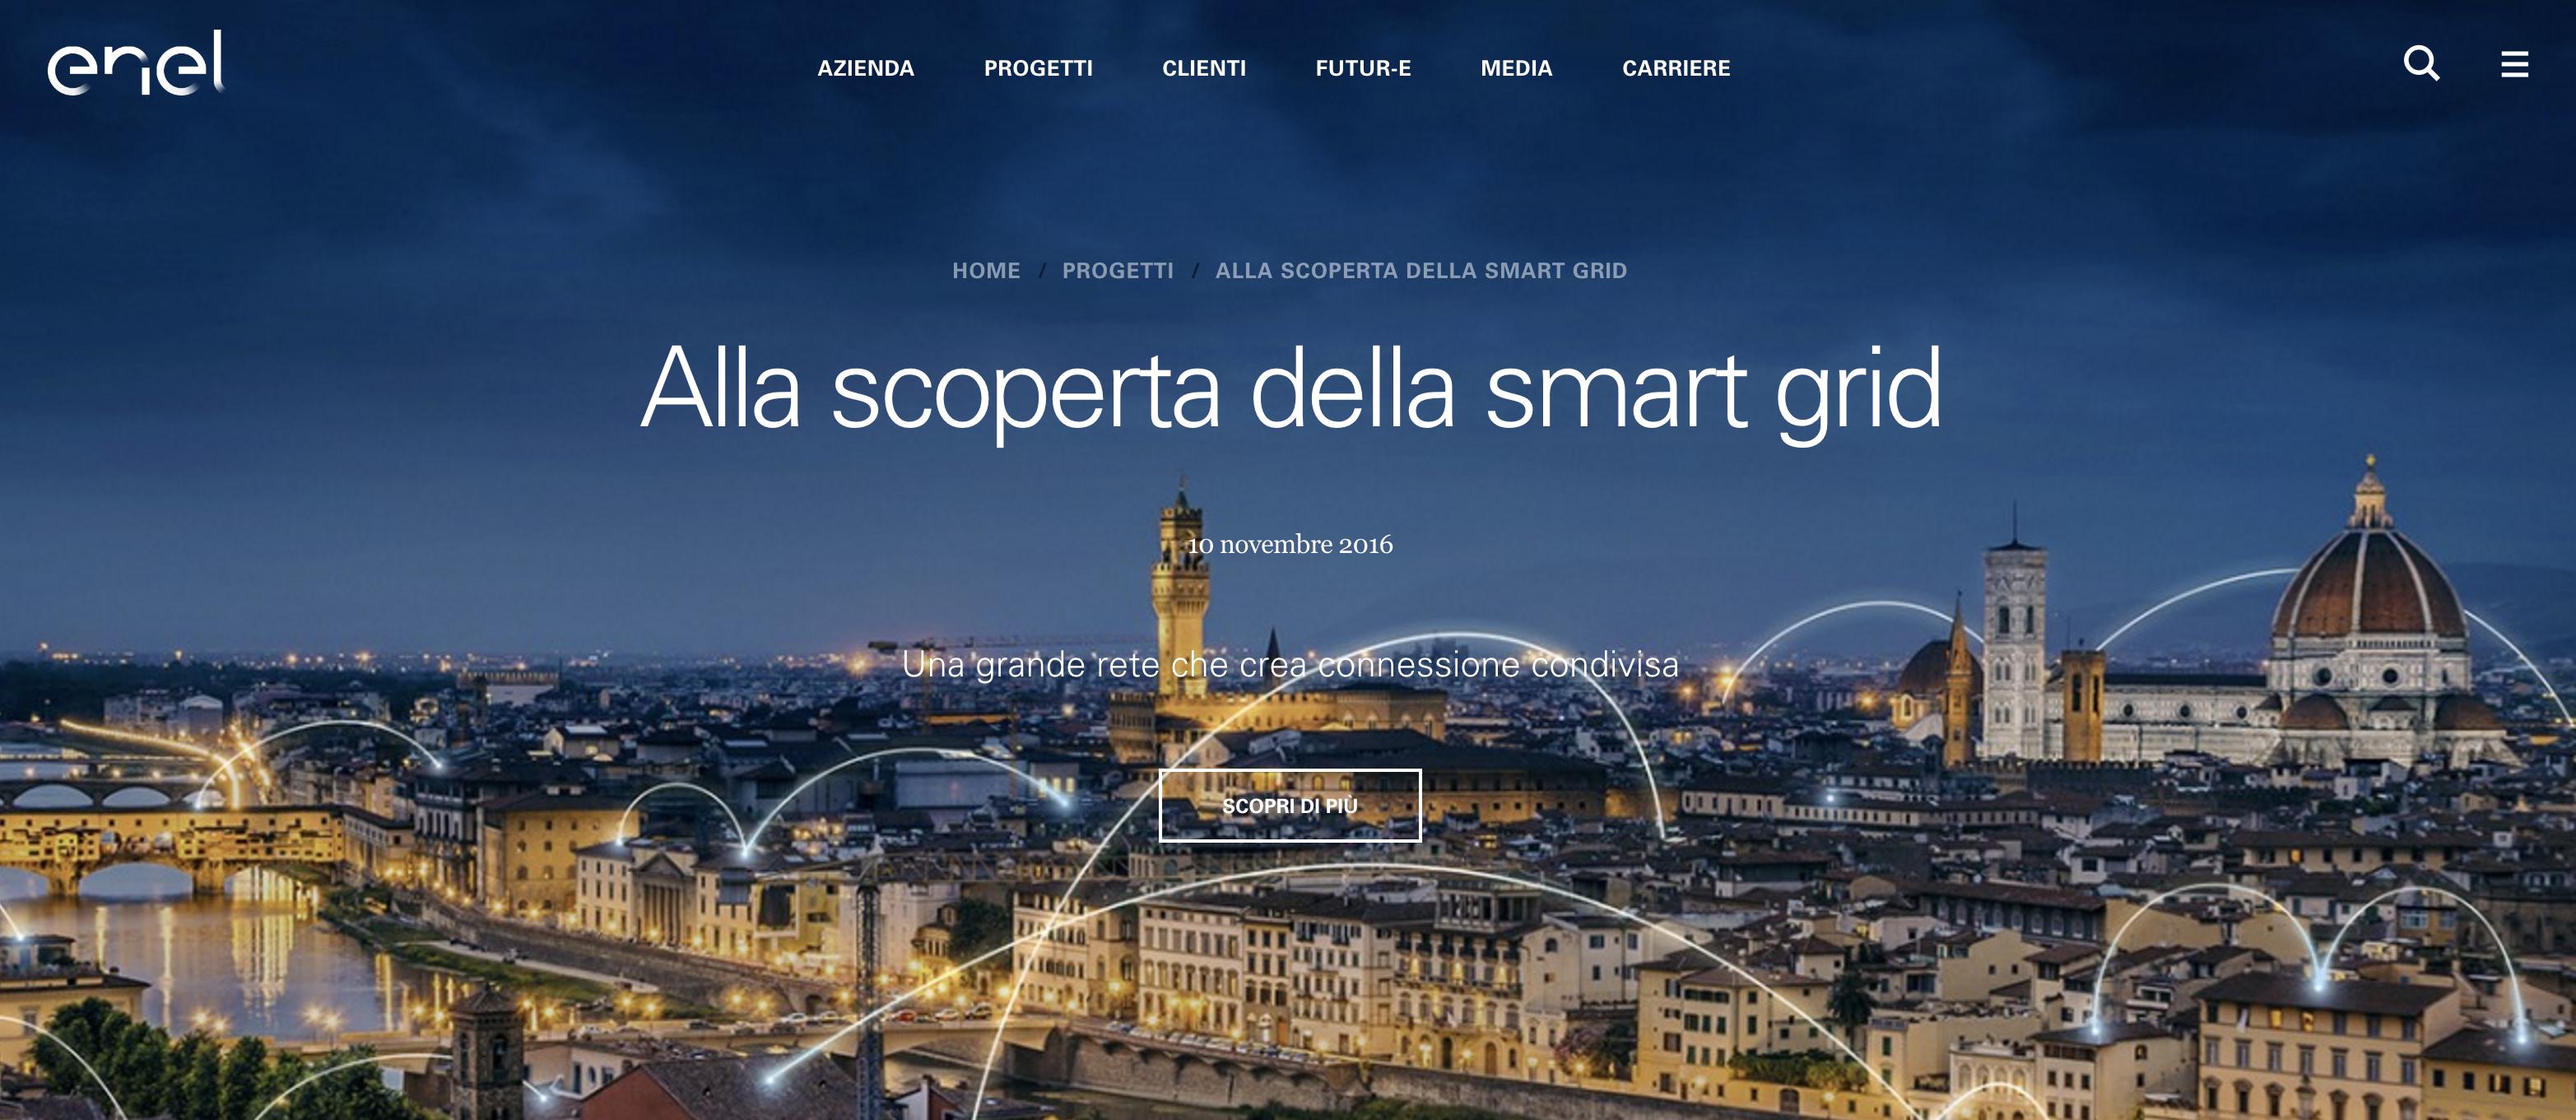 il nuovo sito Enel